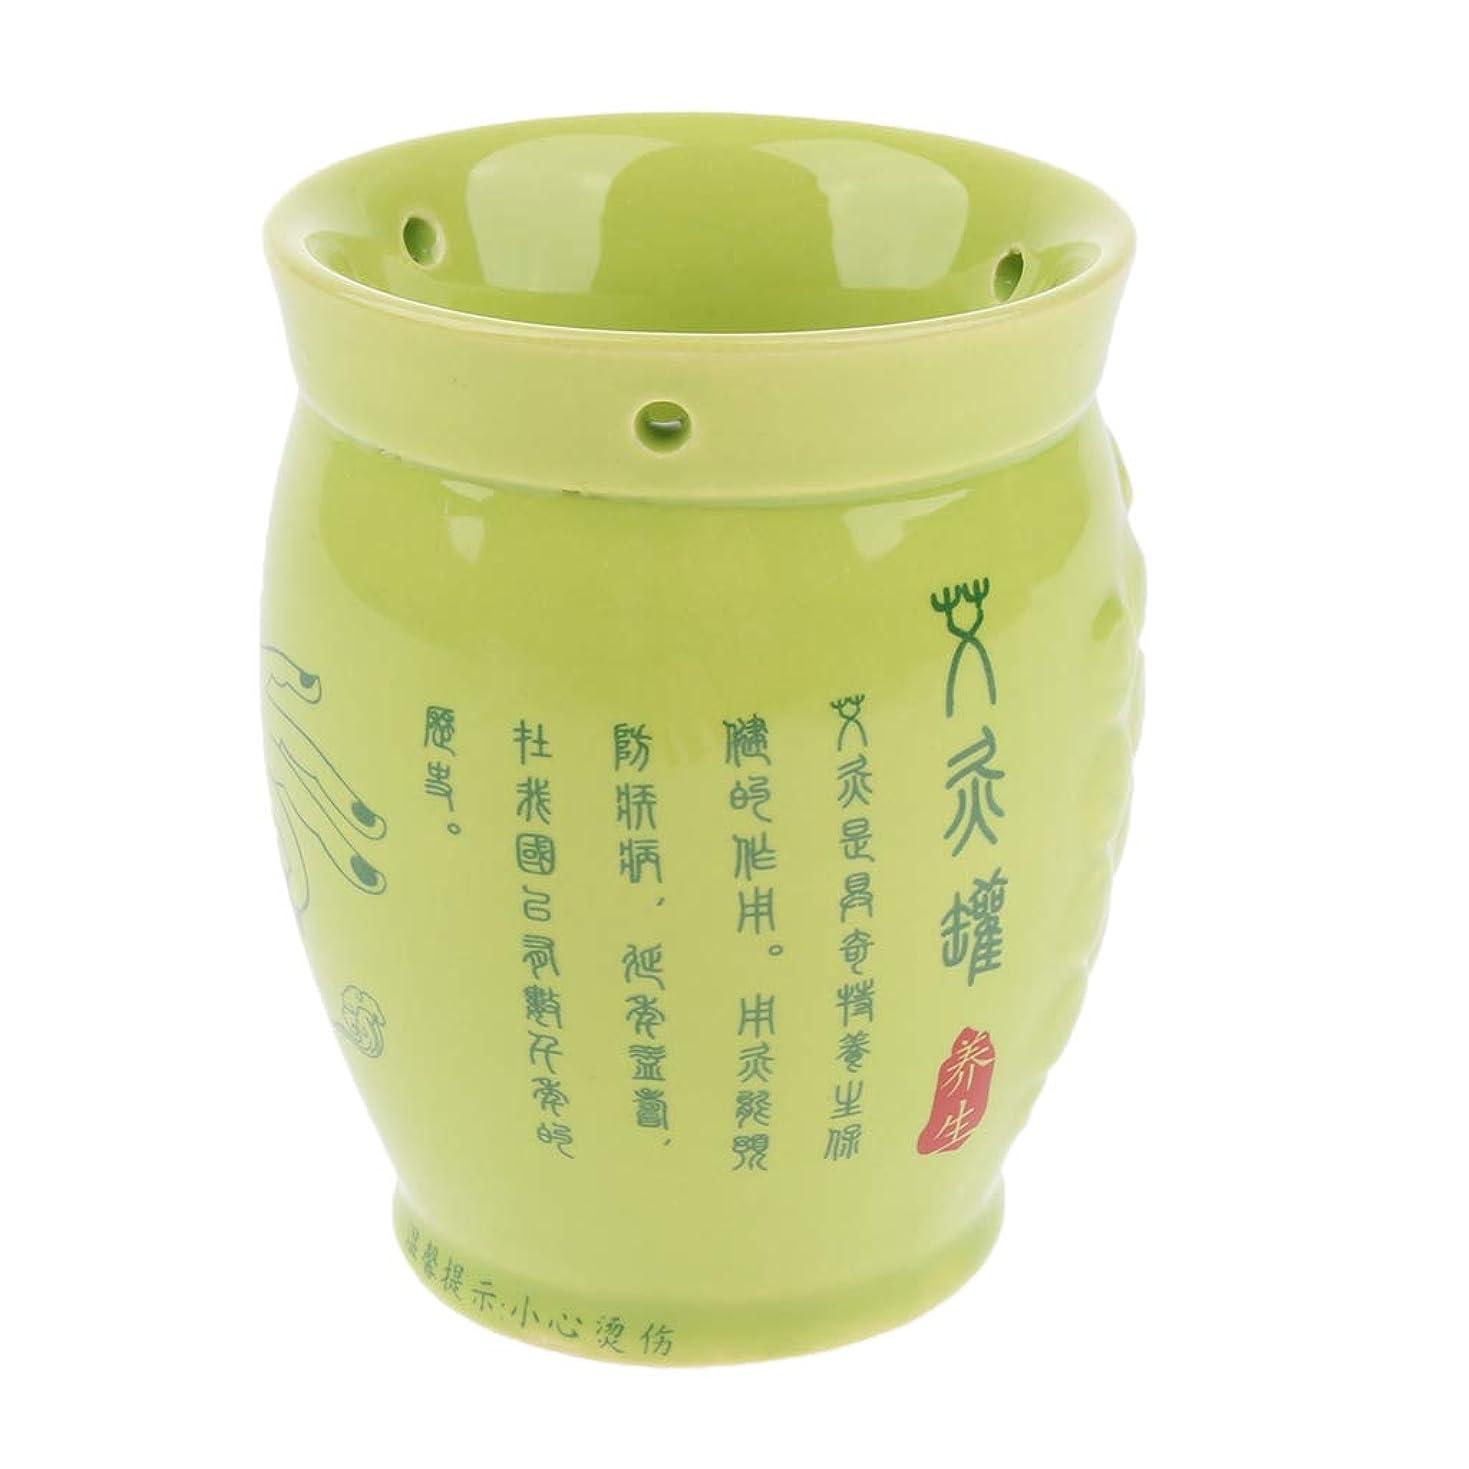 スリラー閉塞気まぐれなD DOLITY 中国式カッピングカップ 缶 ポット マッサージ お灸 セラミック製